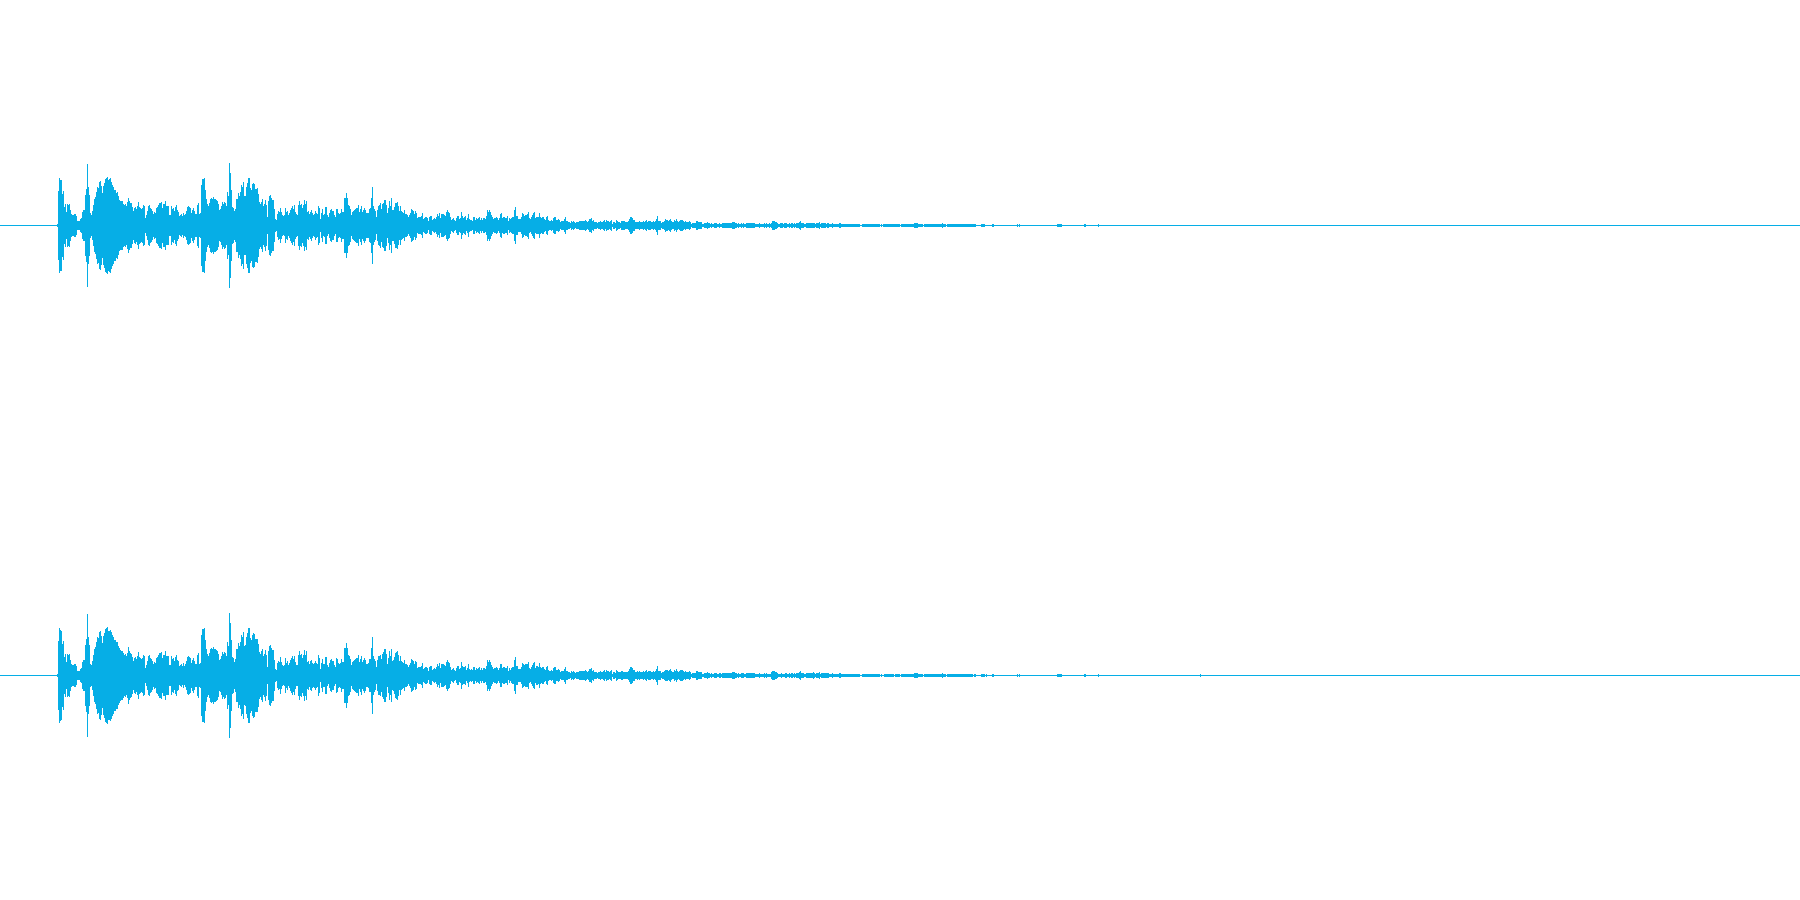 【光る07-2】の再生済みの波形